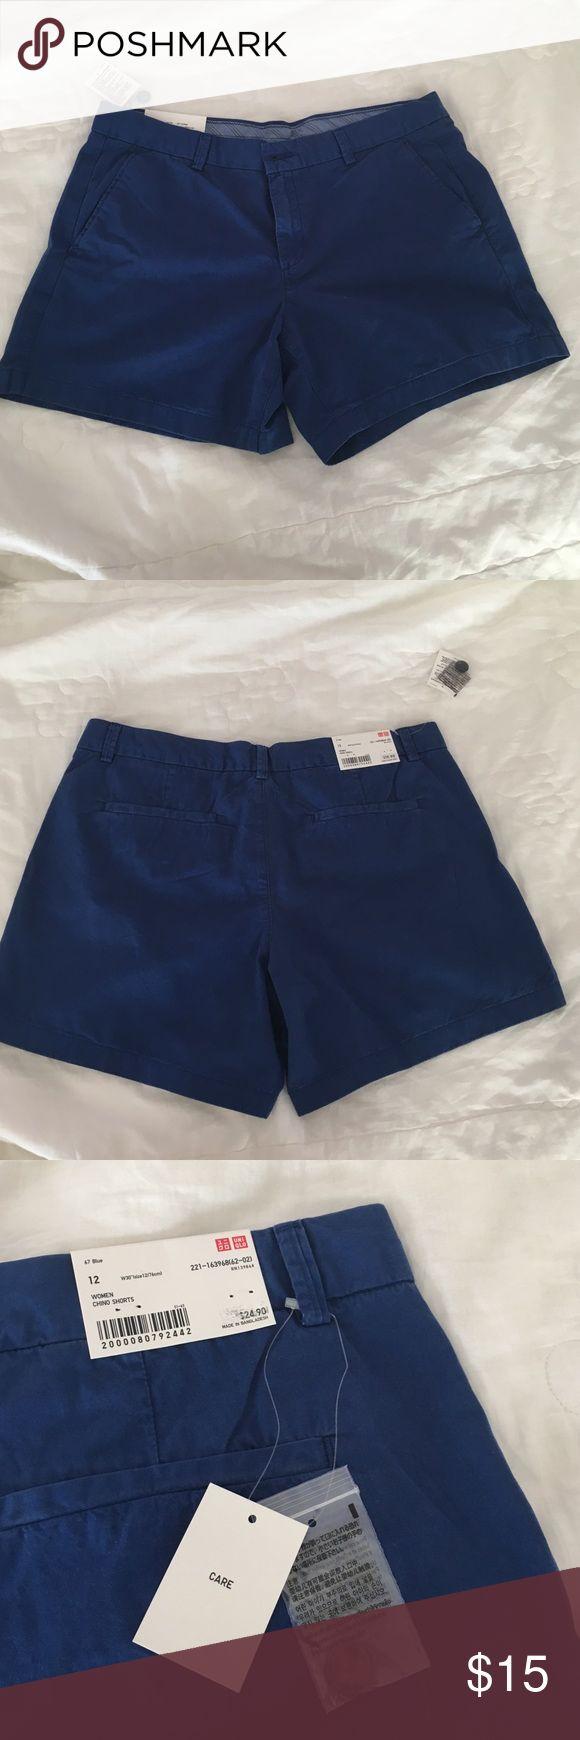 UNIQLO Blue Chino Women's Shorts (TAG STILL ON) BRAND NEW WITH TAGS - Blue women's chino shorts from UNIQLO Size 12 - No returns, no trades Uniqlo Shorts